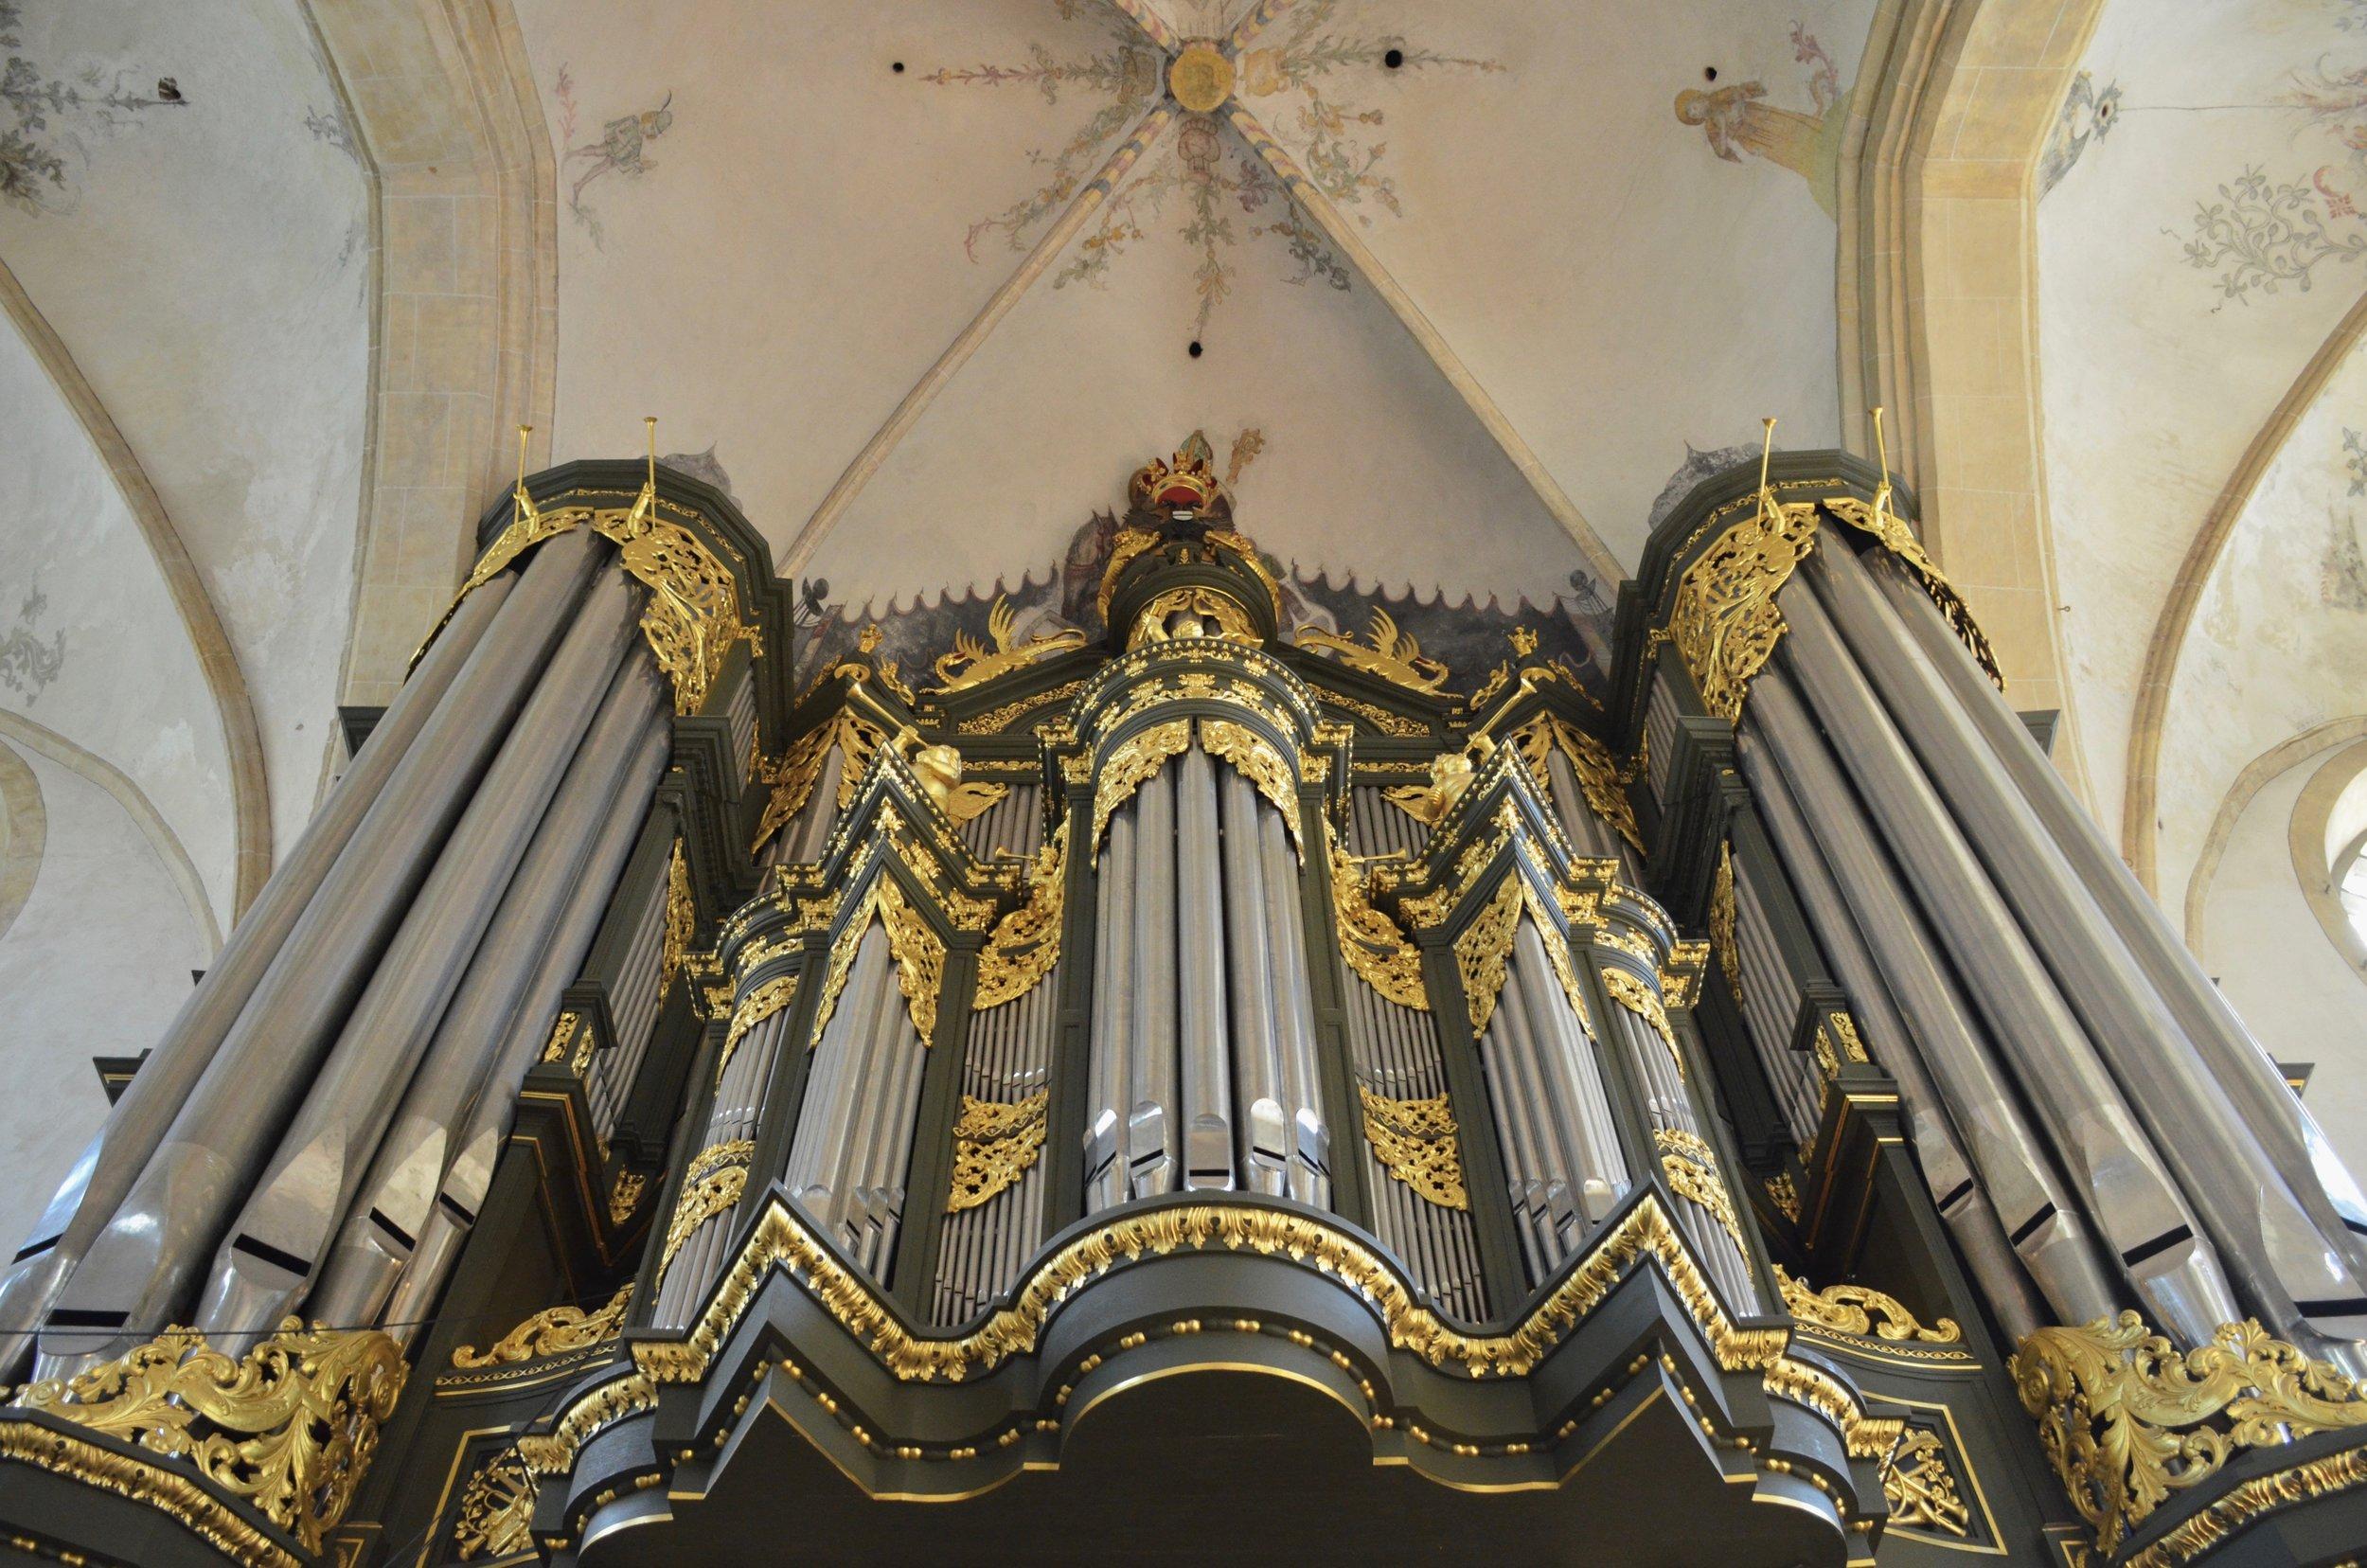 Façade, 1692 Arp Schnitger pipe organ, Martinikerk, Groningen.